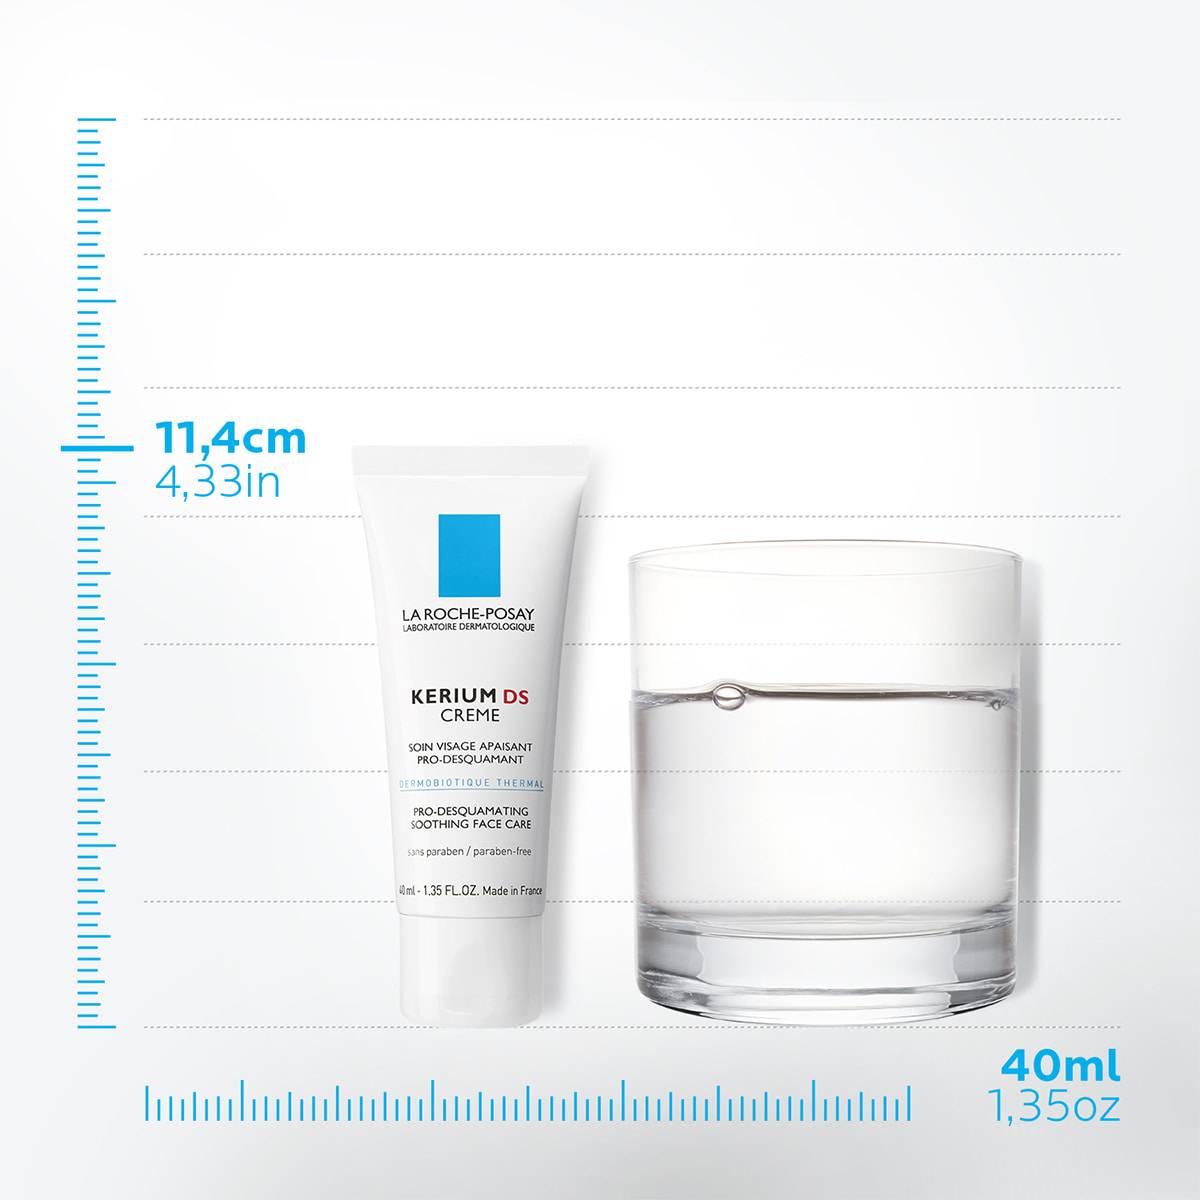 La Roche Posay ProduktSide Kerium DS Face Cream 40ml 3337872411793